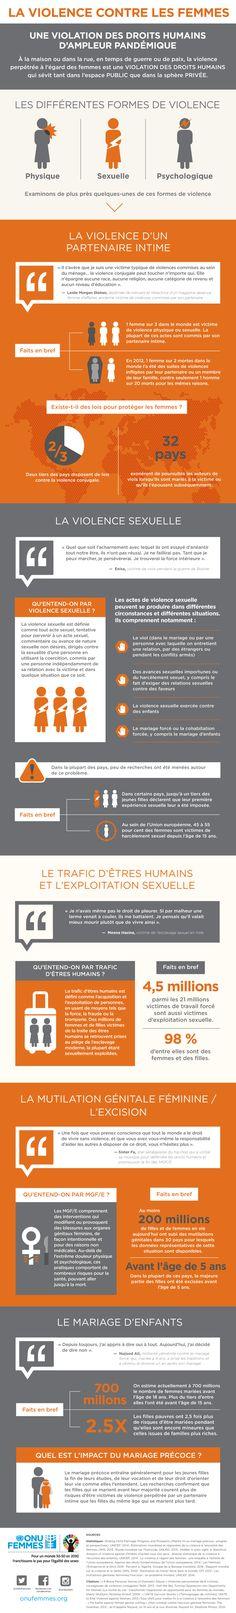 1 femme sur 3 dans le monde est victime de violence physique ou sexuelle. La plupart de ces actes sont commis par son partenaire intime. À la maison ou dans la rue, en temps de guerre ou de paix, la violence perpétrée à l'égard des femmes est une pandémie mondiale qui sévit tant dans l'espace public